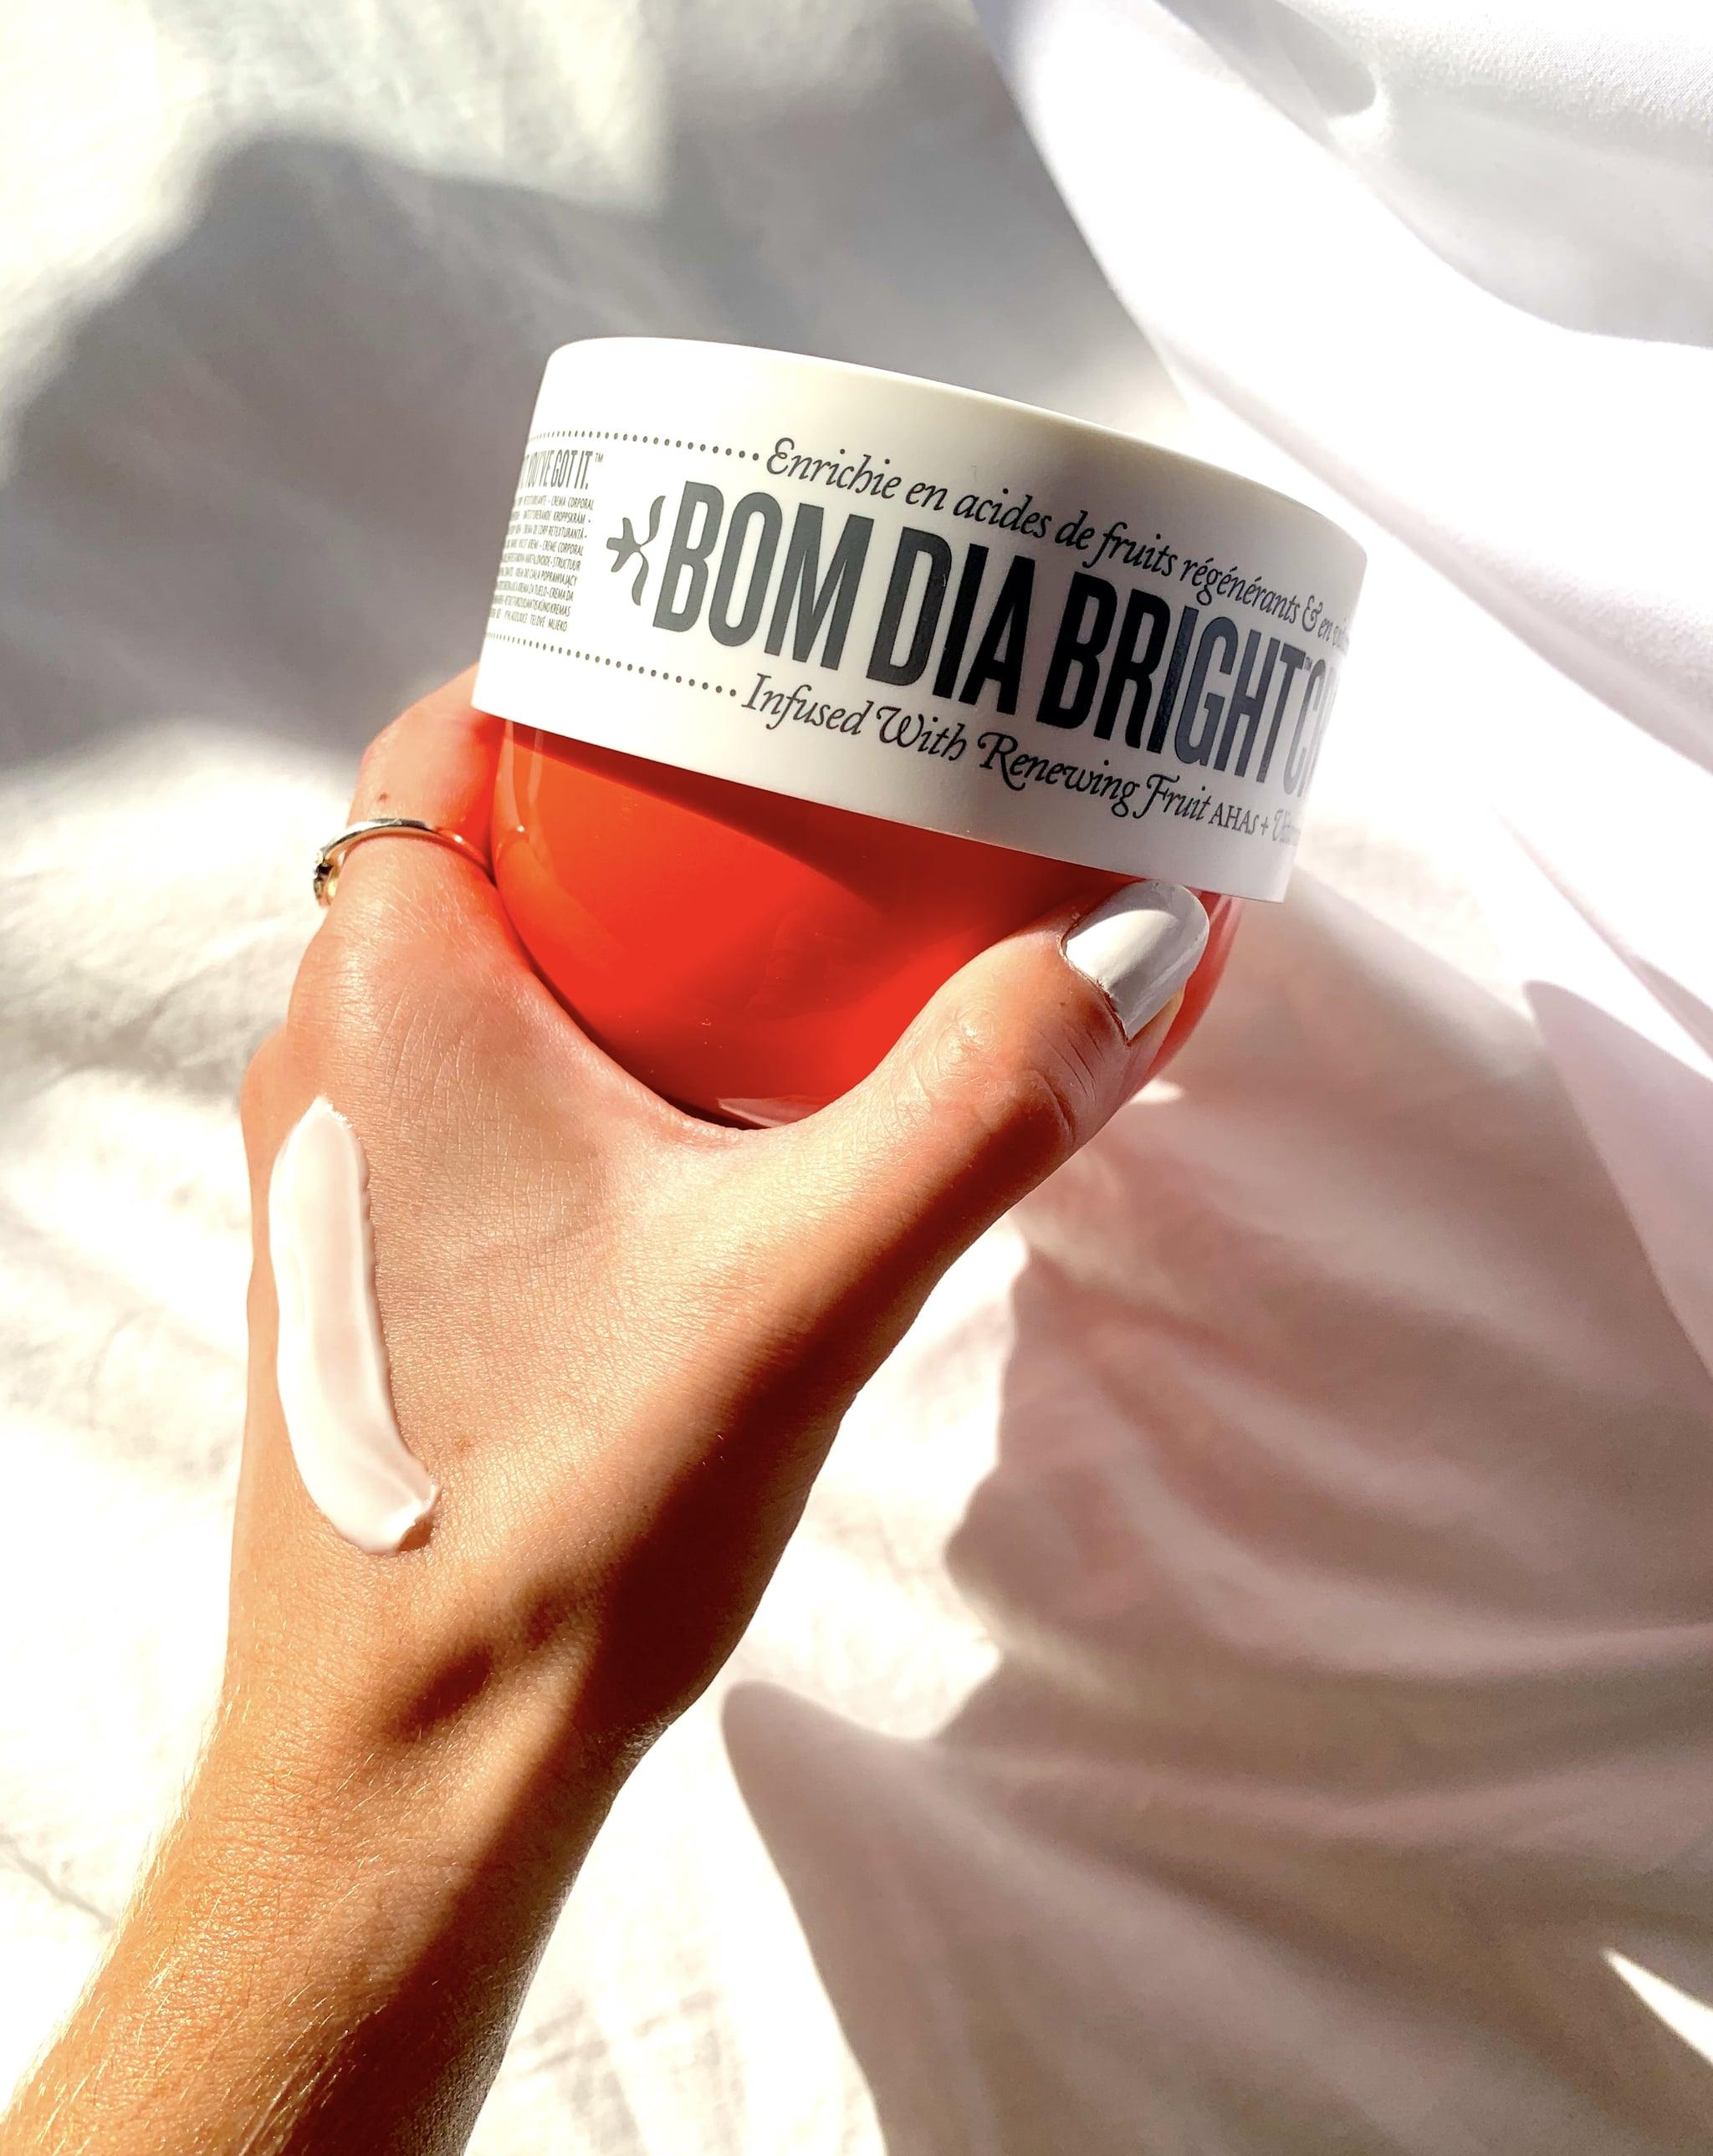 Sol de Janeiro Bom Dia Bright Body Cream Review 4